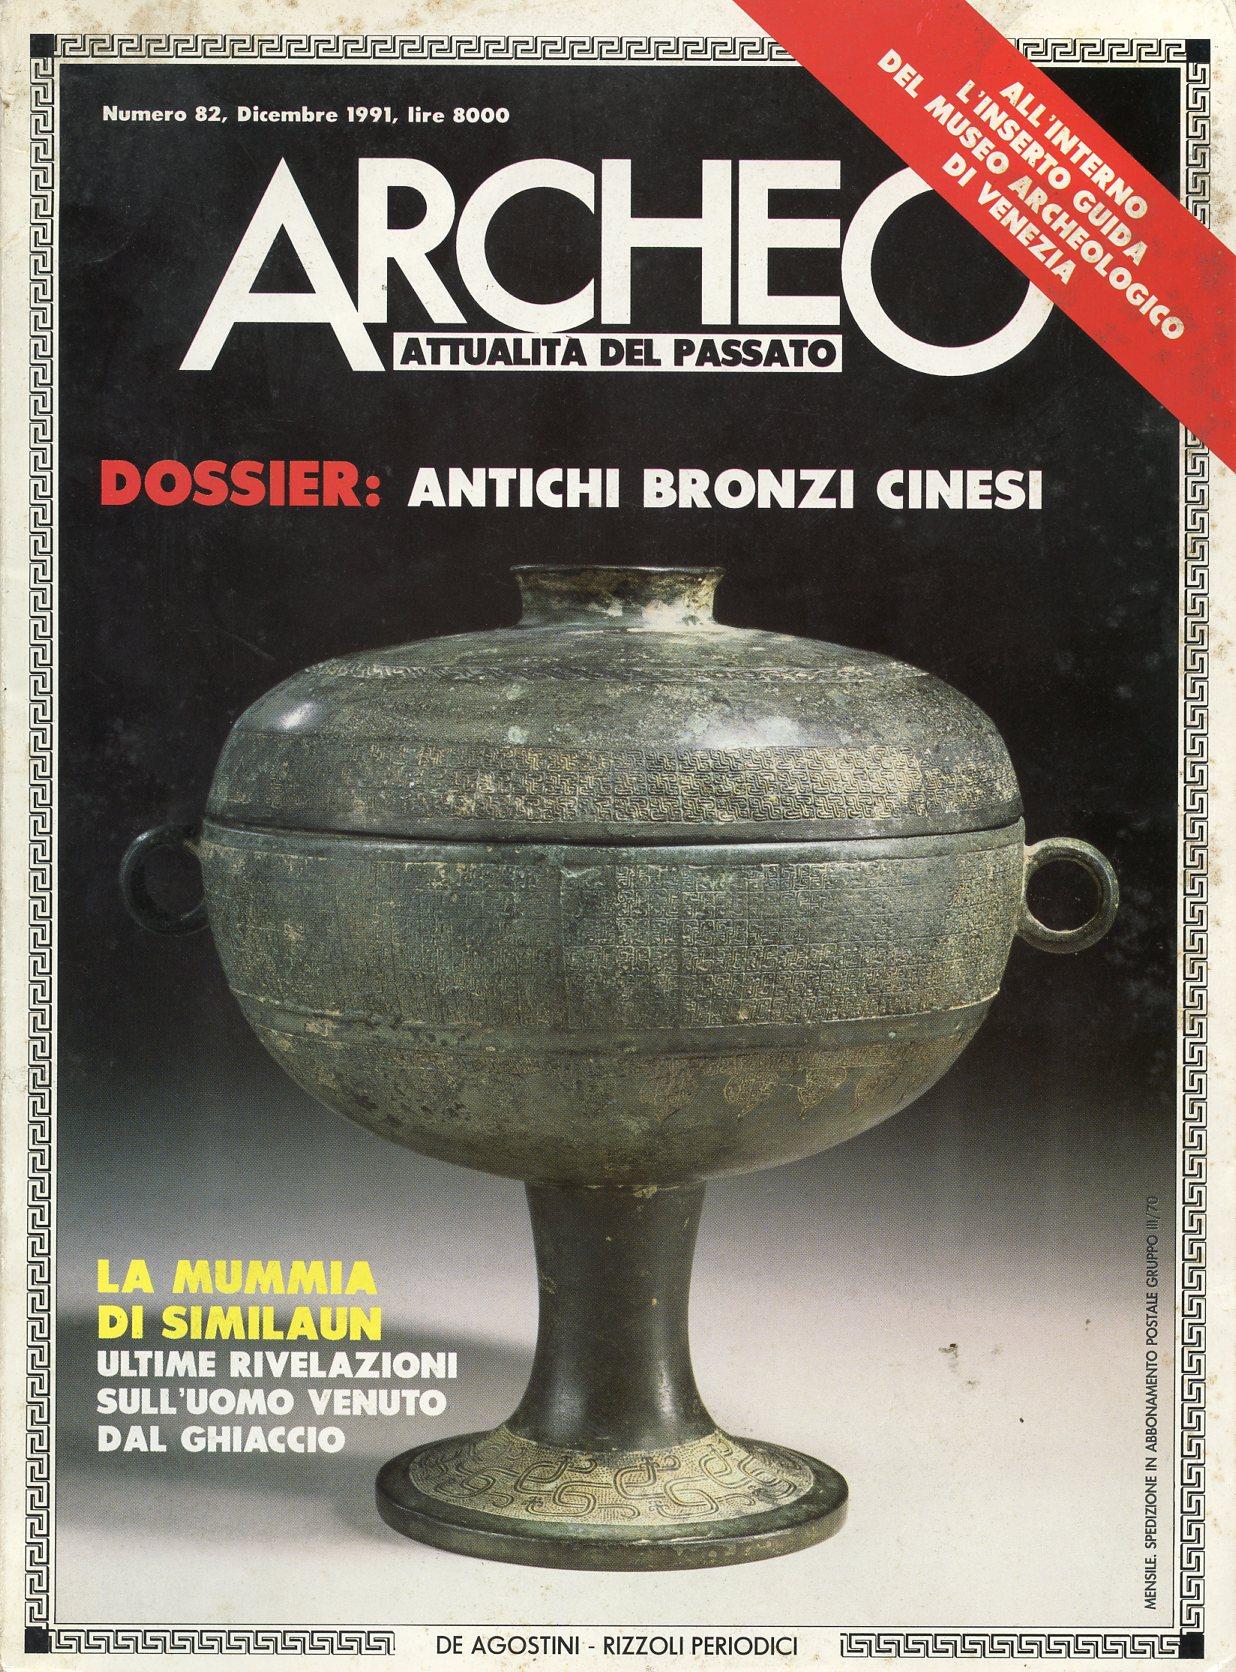 Archeo, attualità del passato n. 82